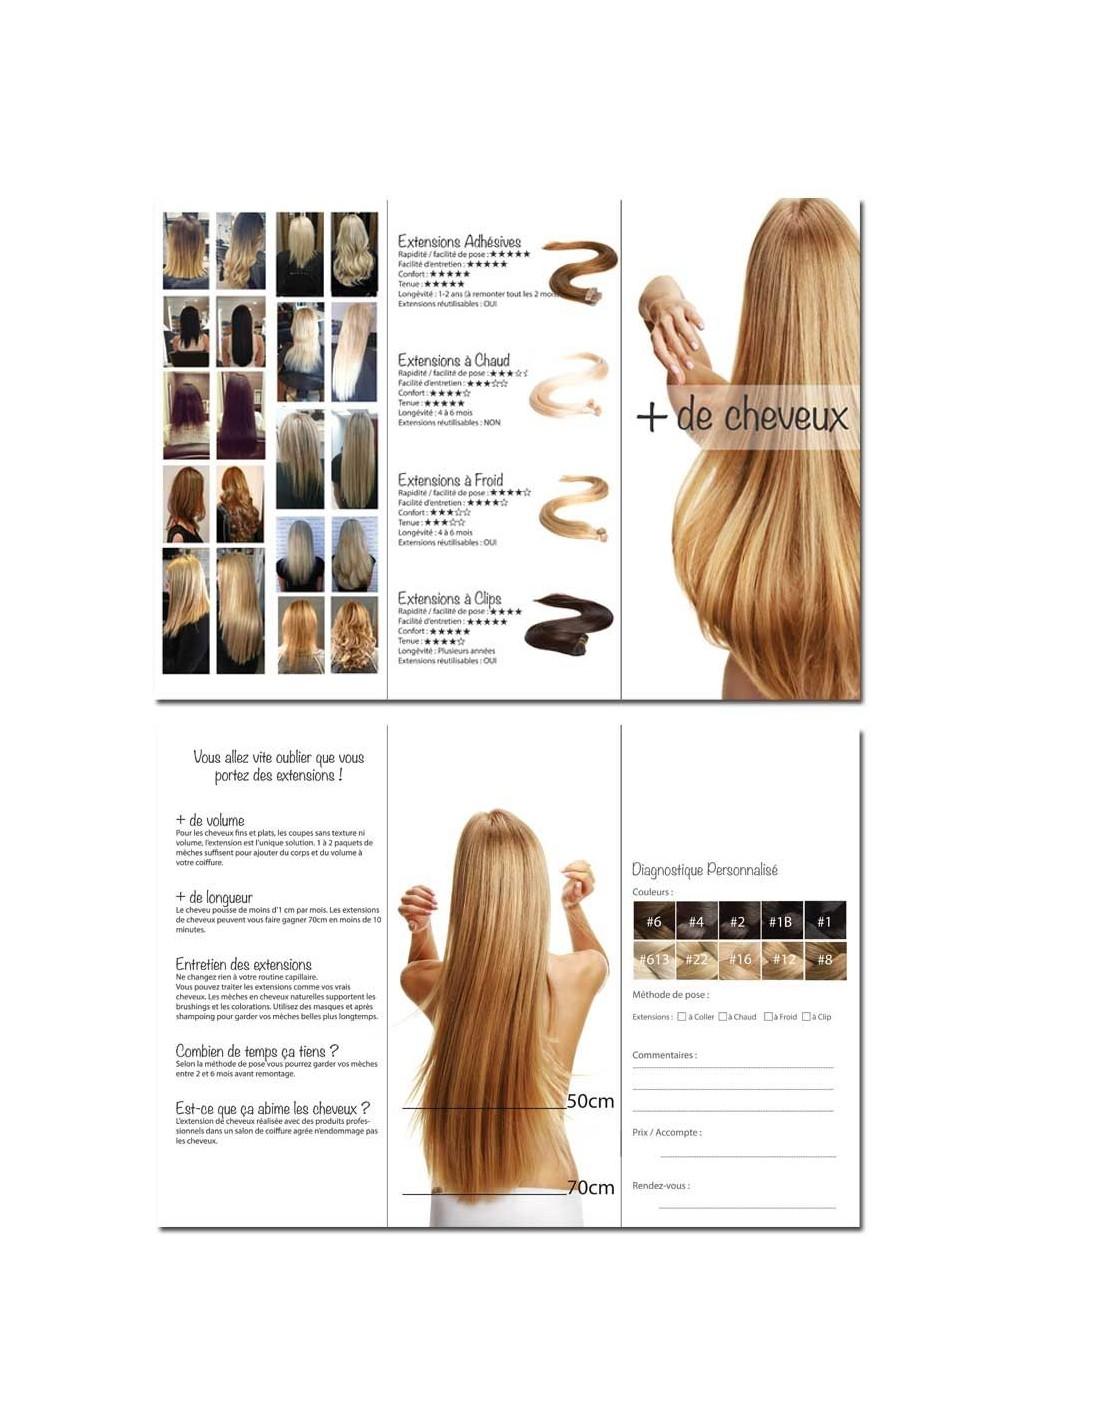 publicit extension de cheveux pour salons de coiffure